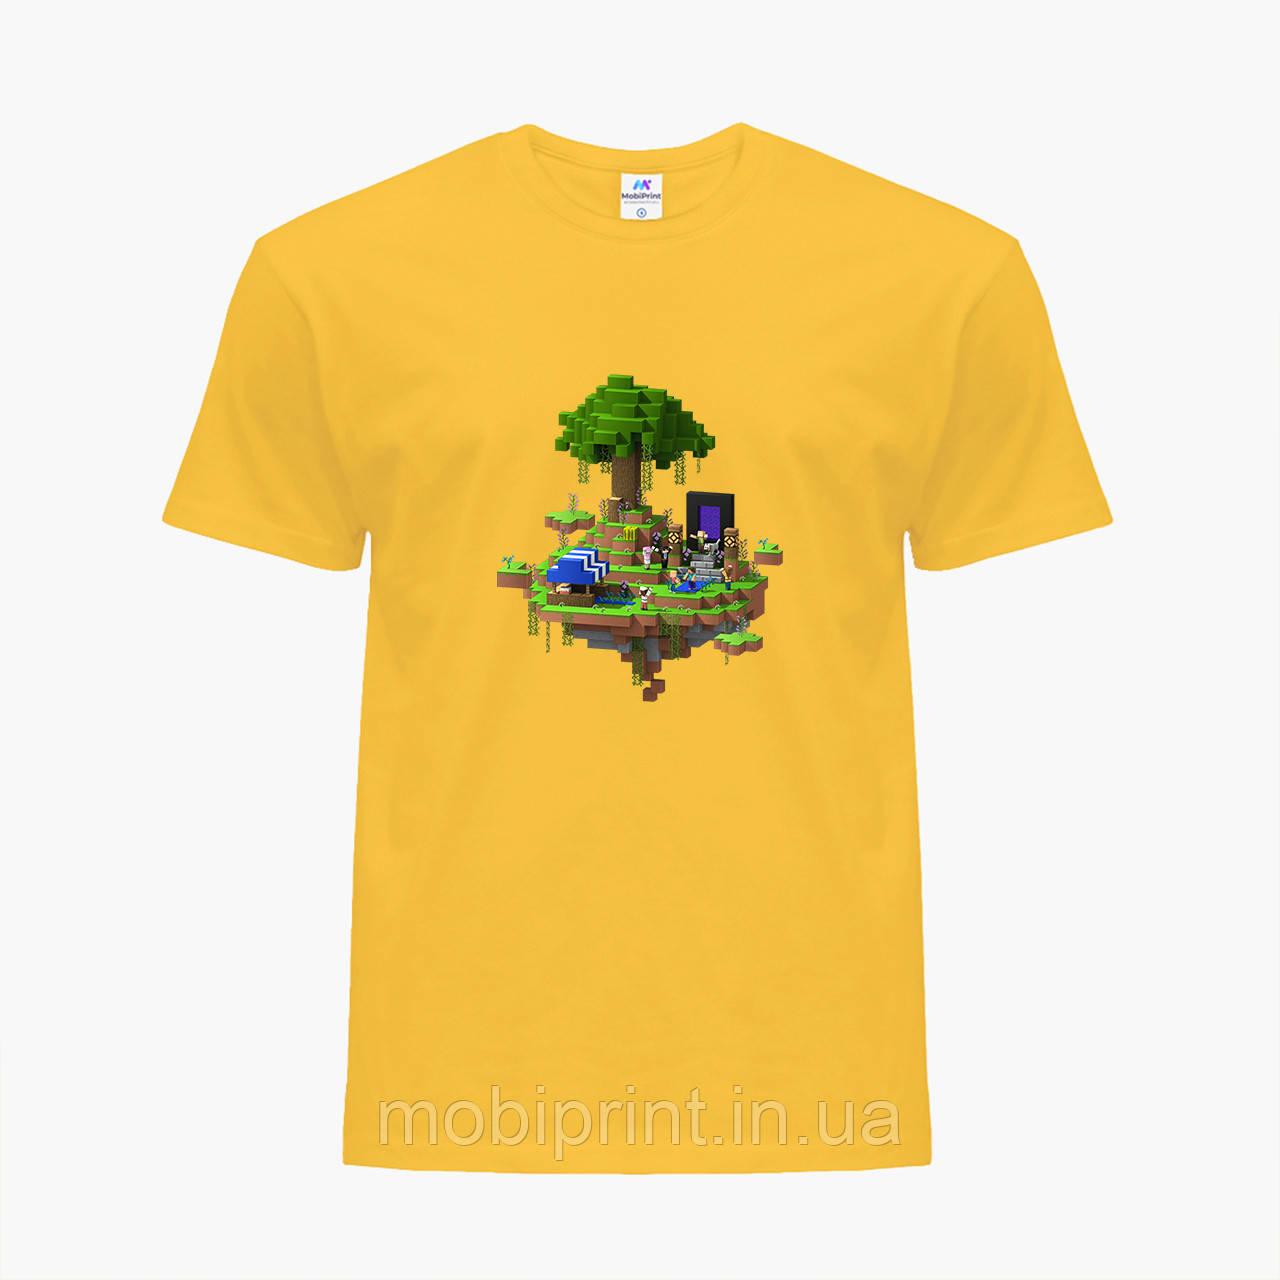 Детская футболка для мальчиков Майнкрафт (Minecraft) (25186-1177) Желтый